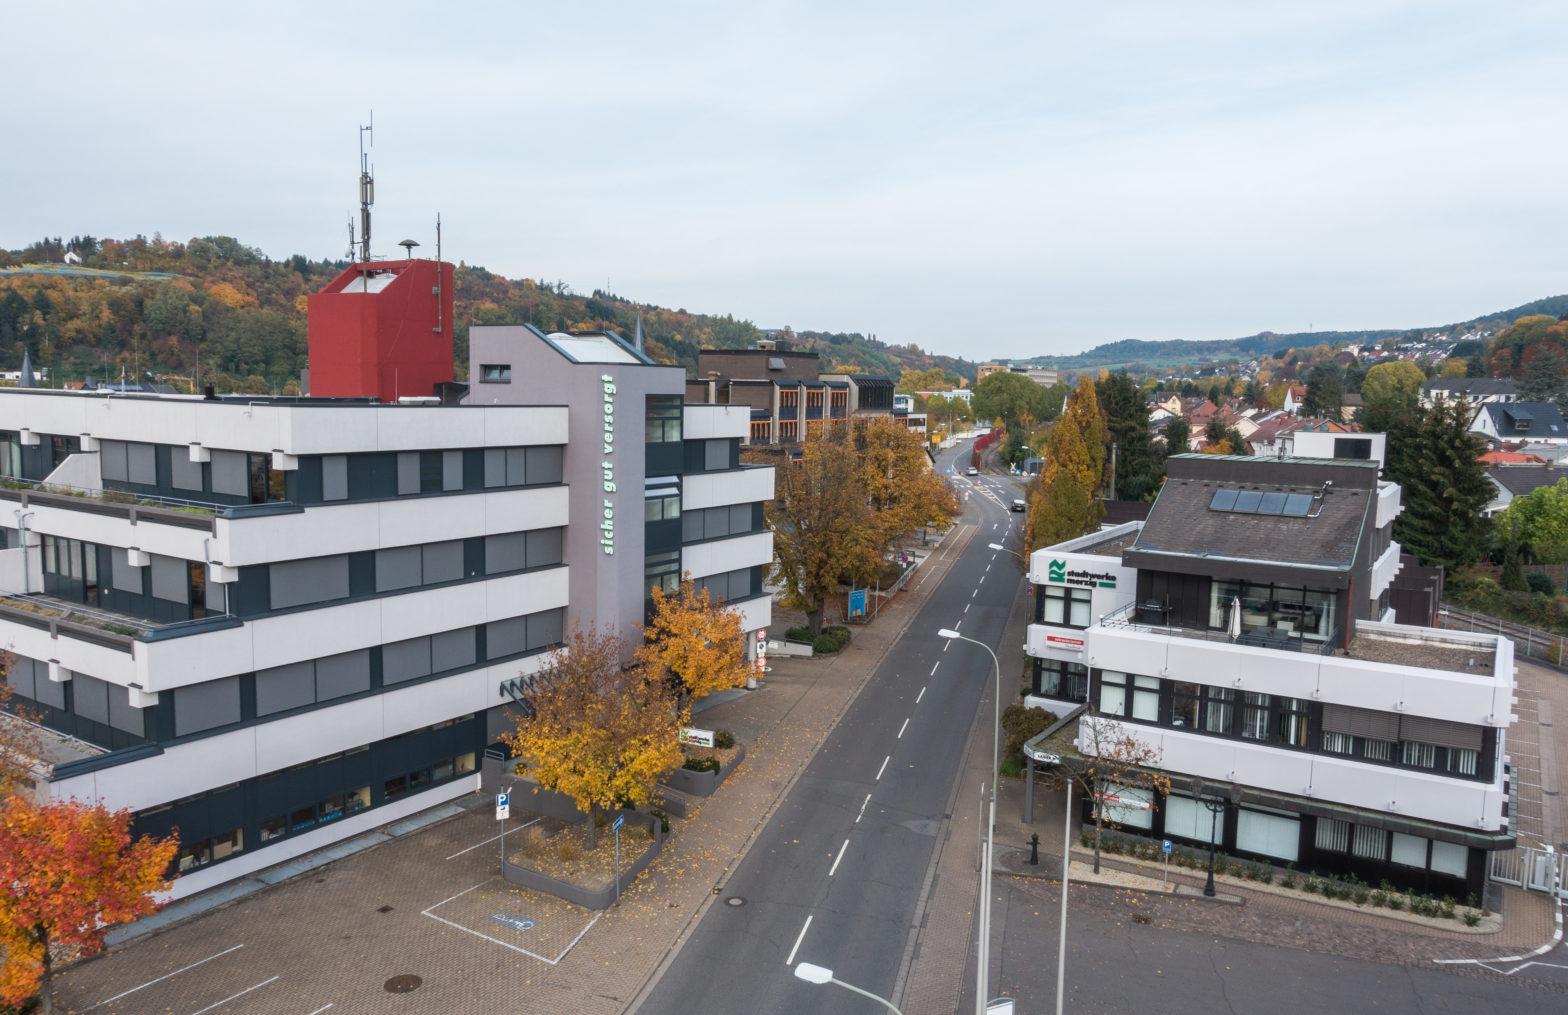 Anischt der Stadtwerke Merzig GmbH